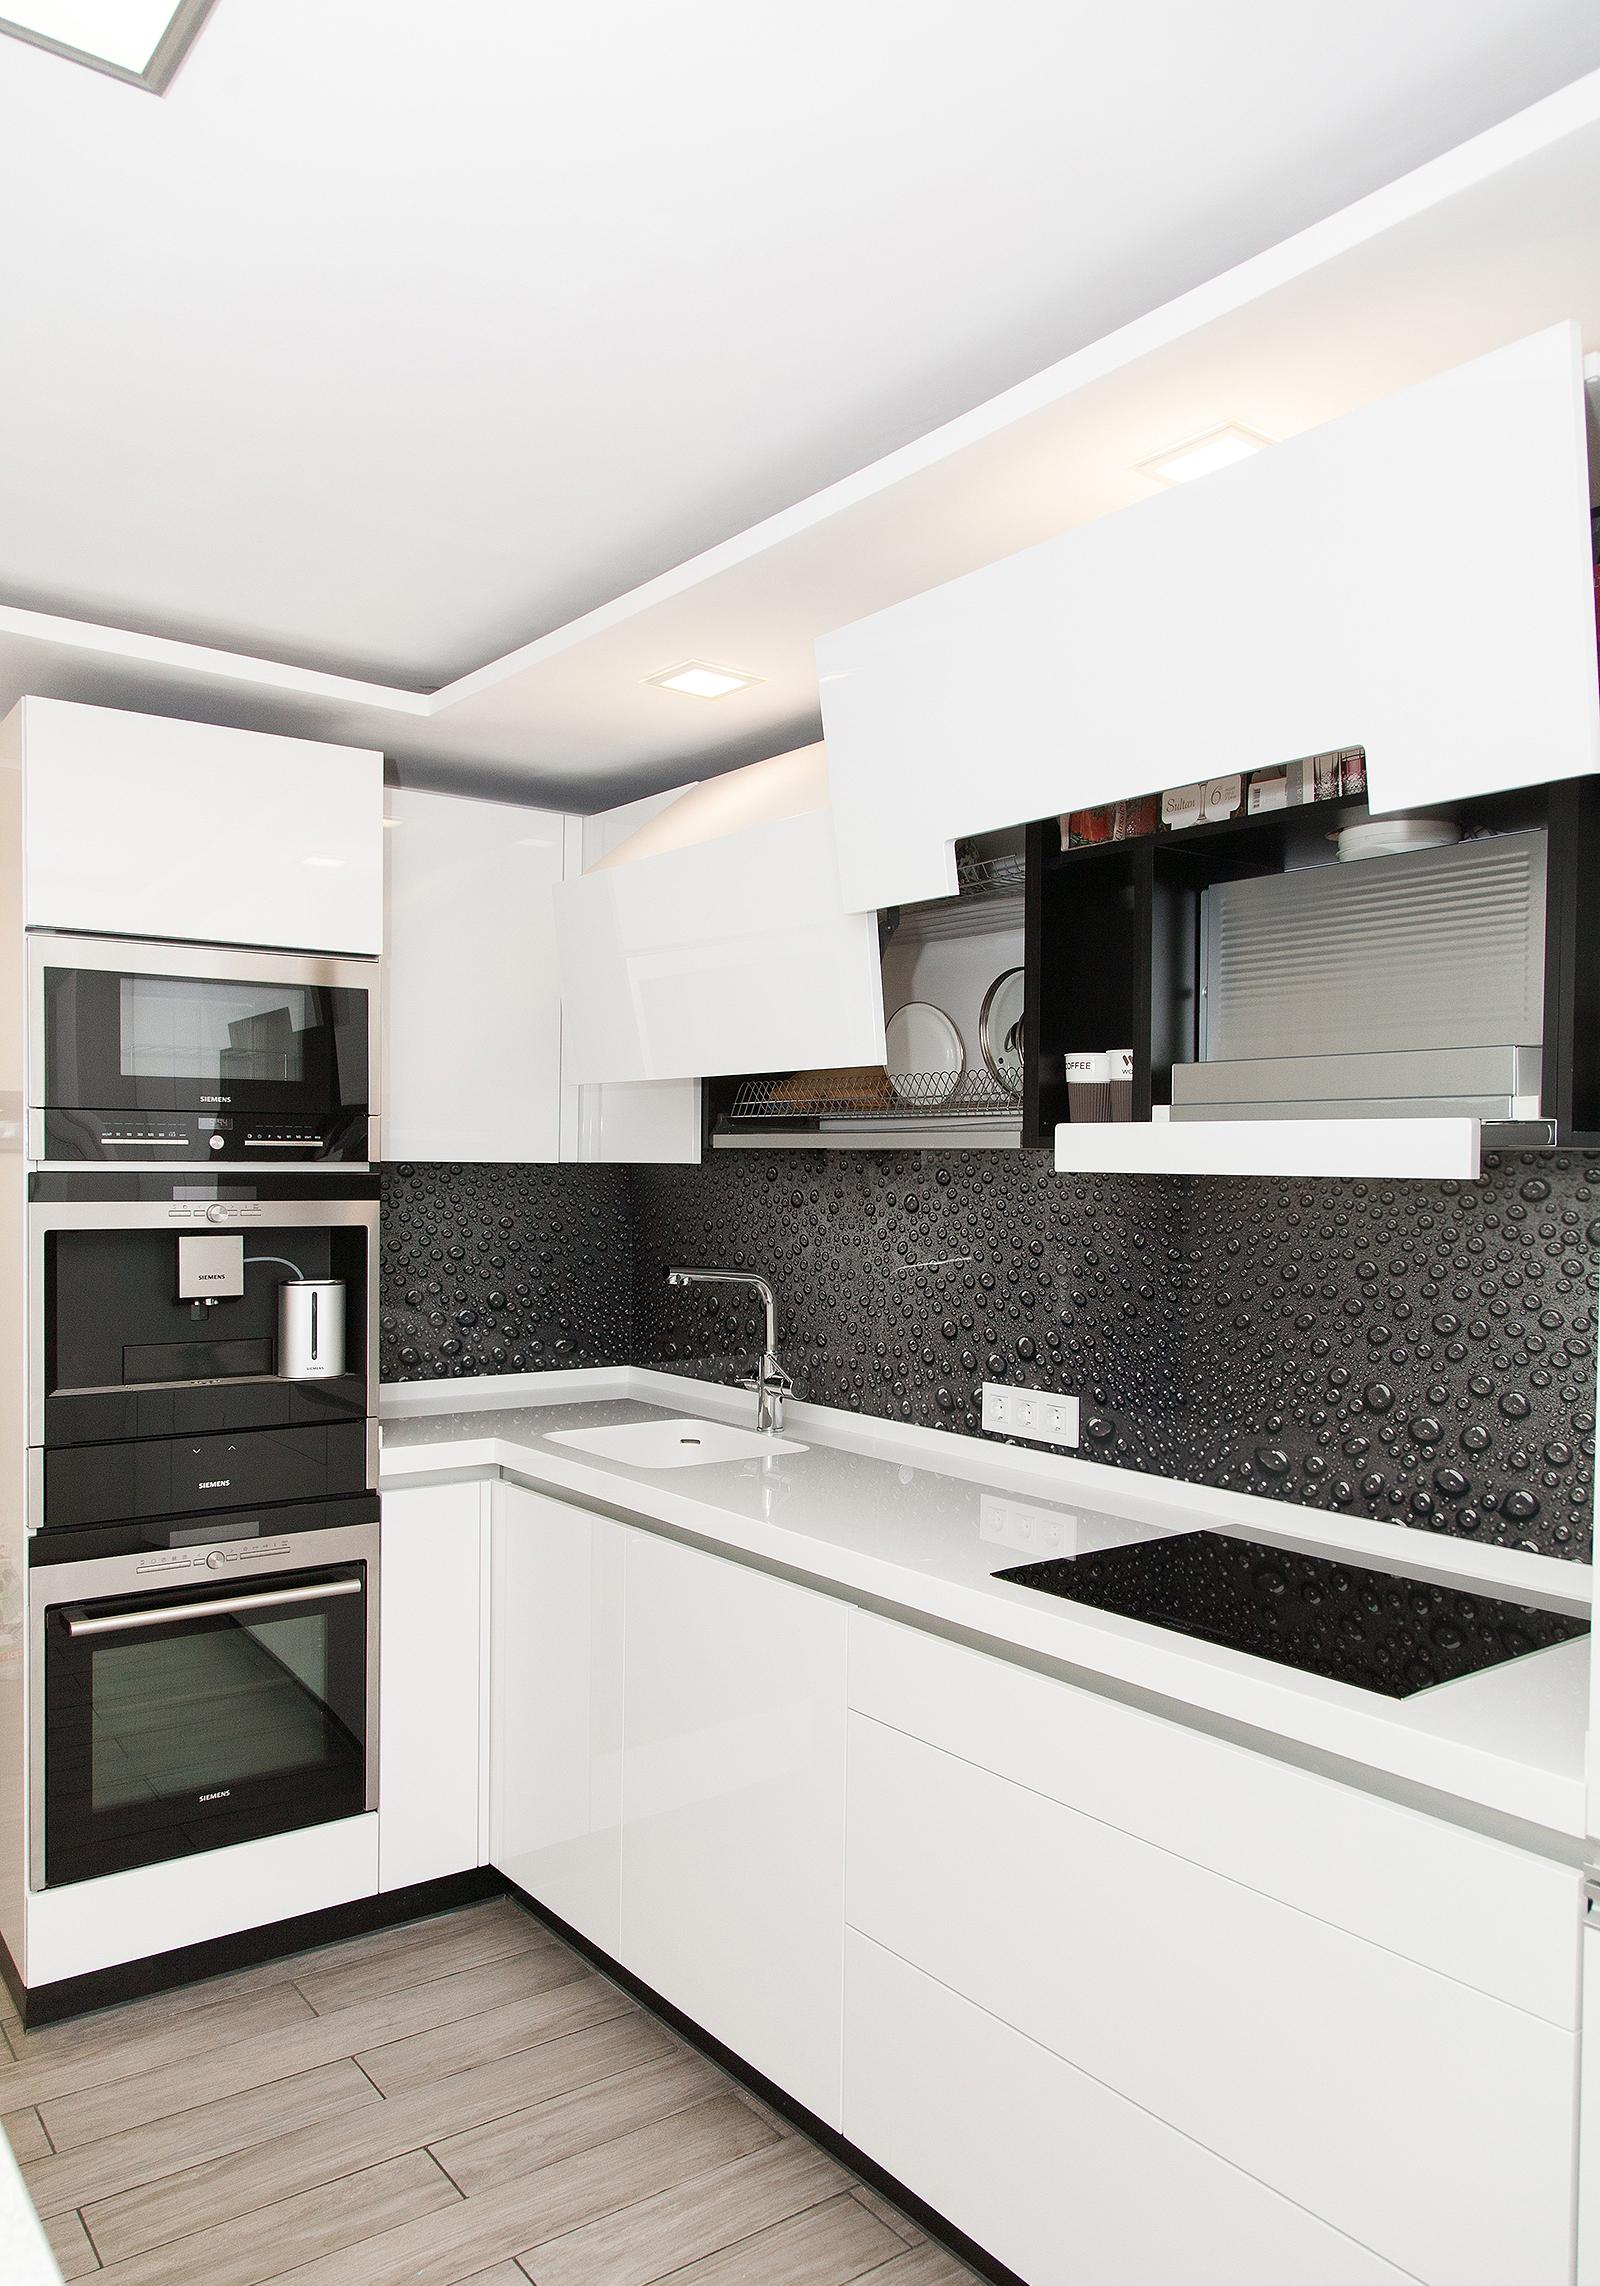 Черно-белая кухня в стиле хай-тек с красивым фартуком